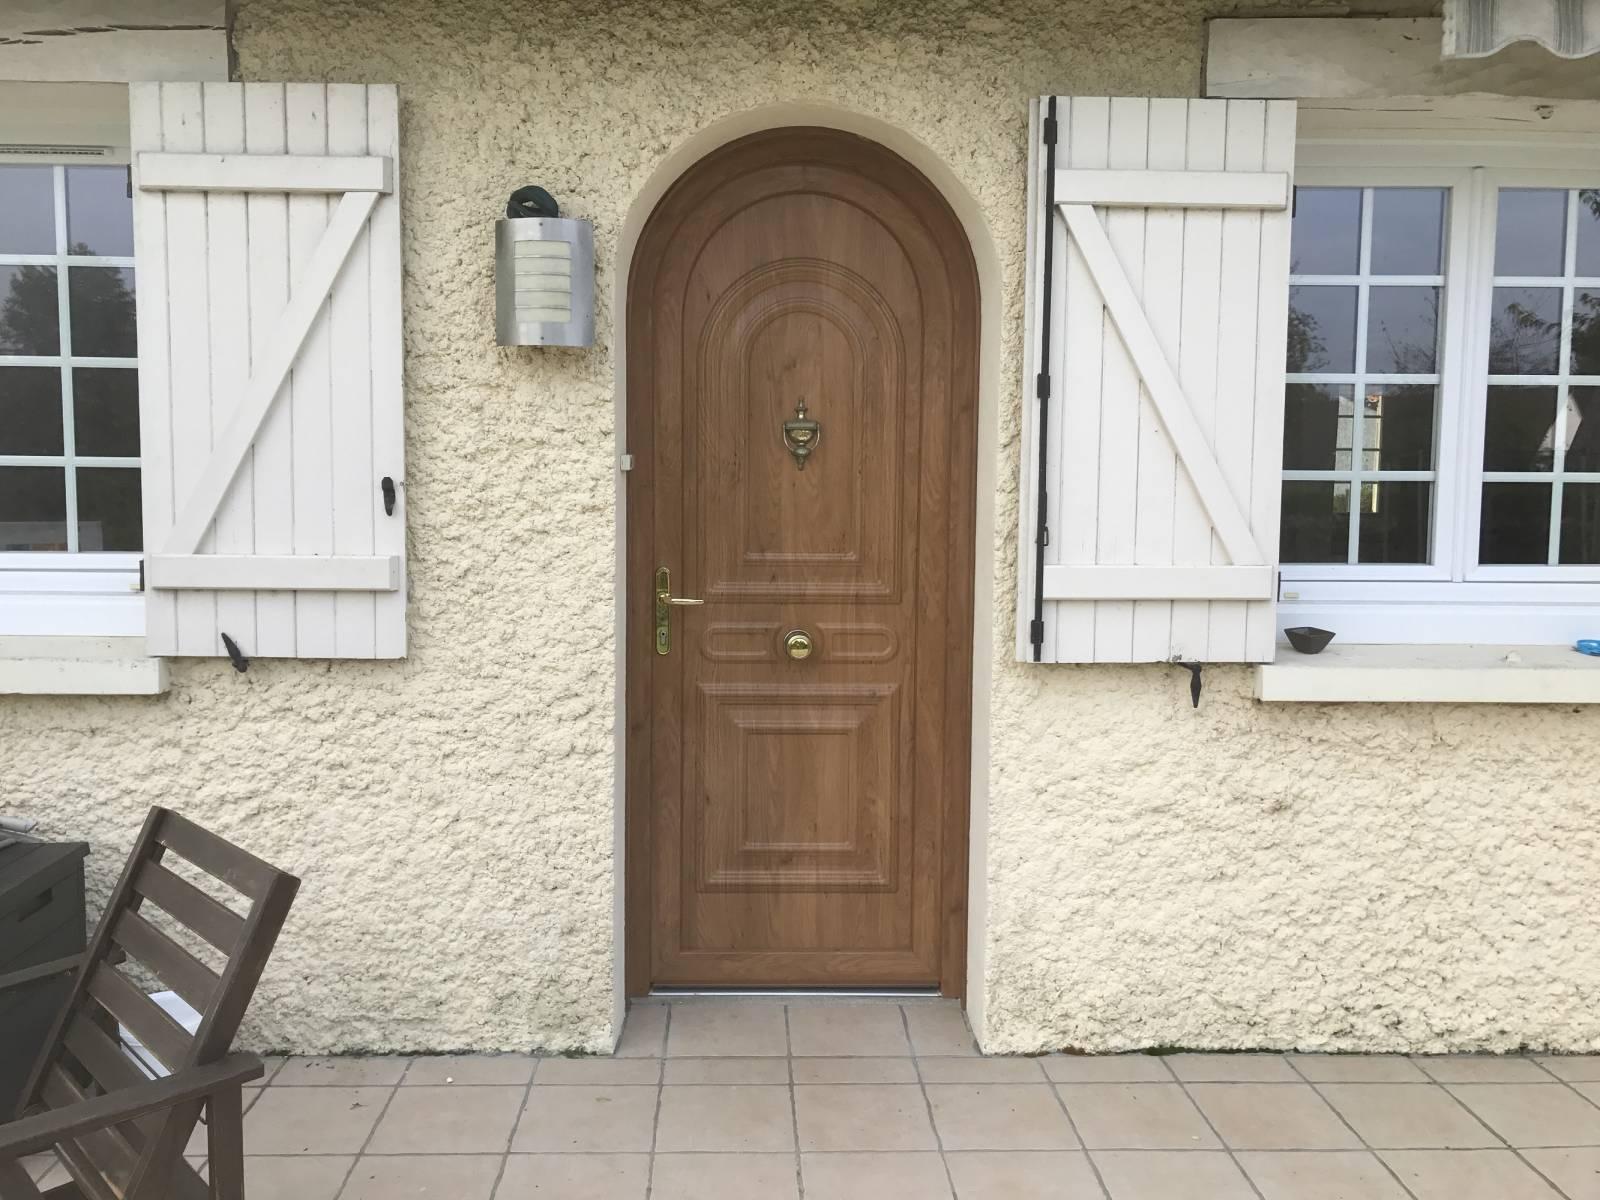 Comment poser une porte d entr e et porte de service sur for Poser une porte de service